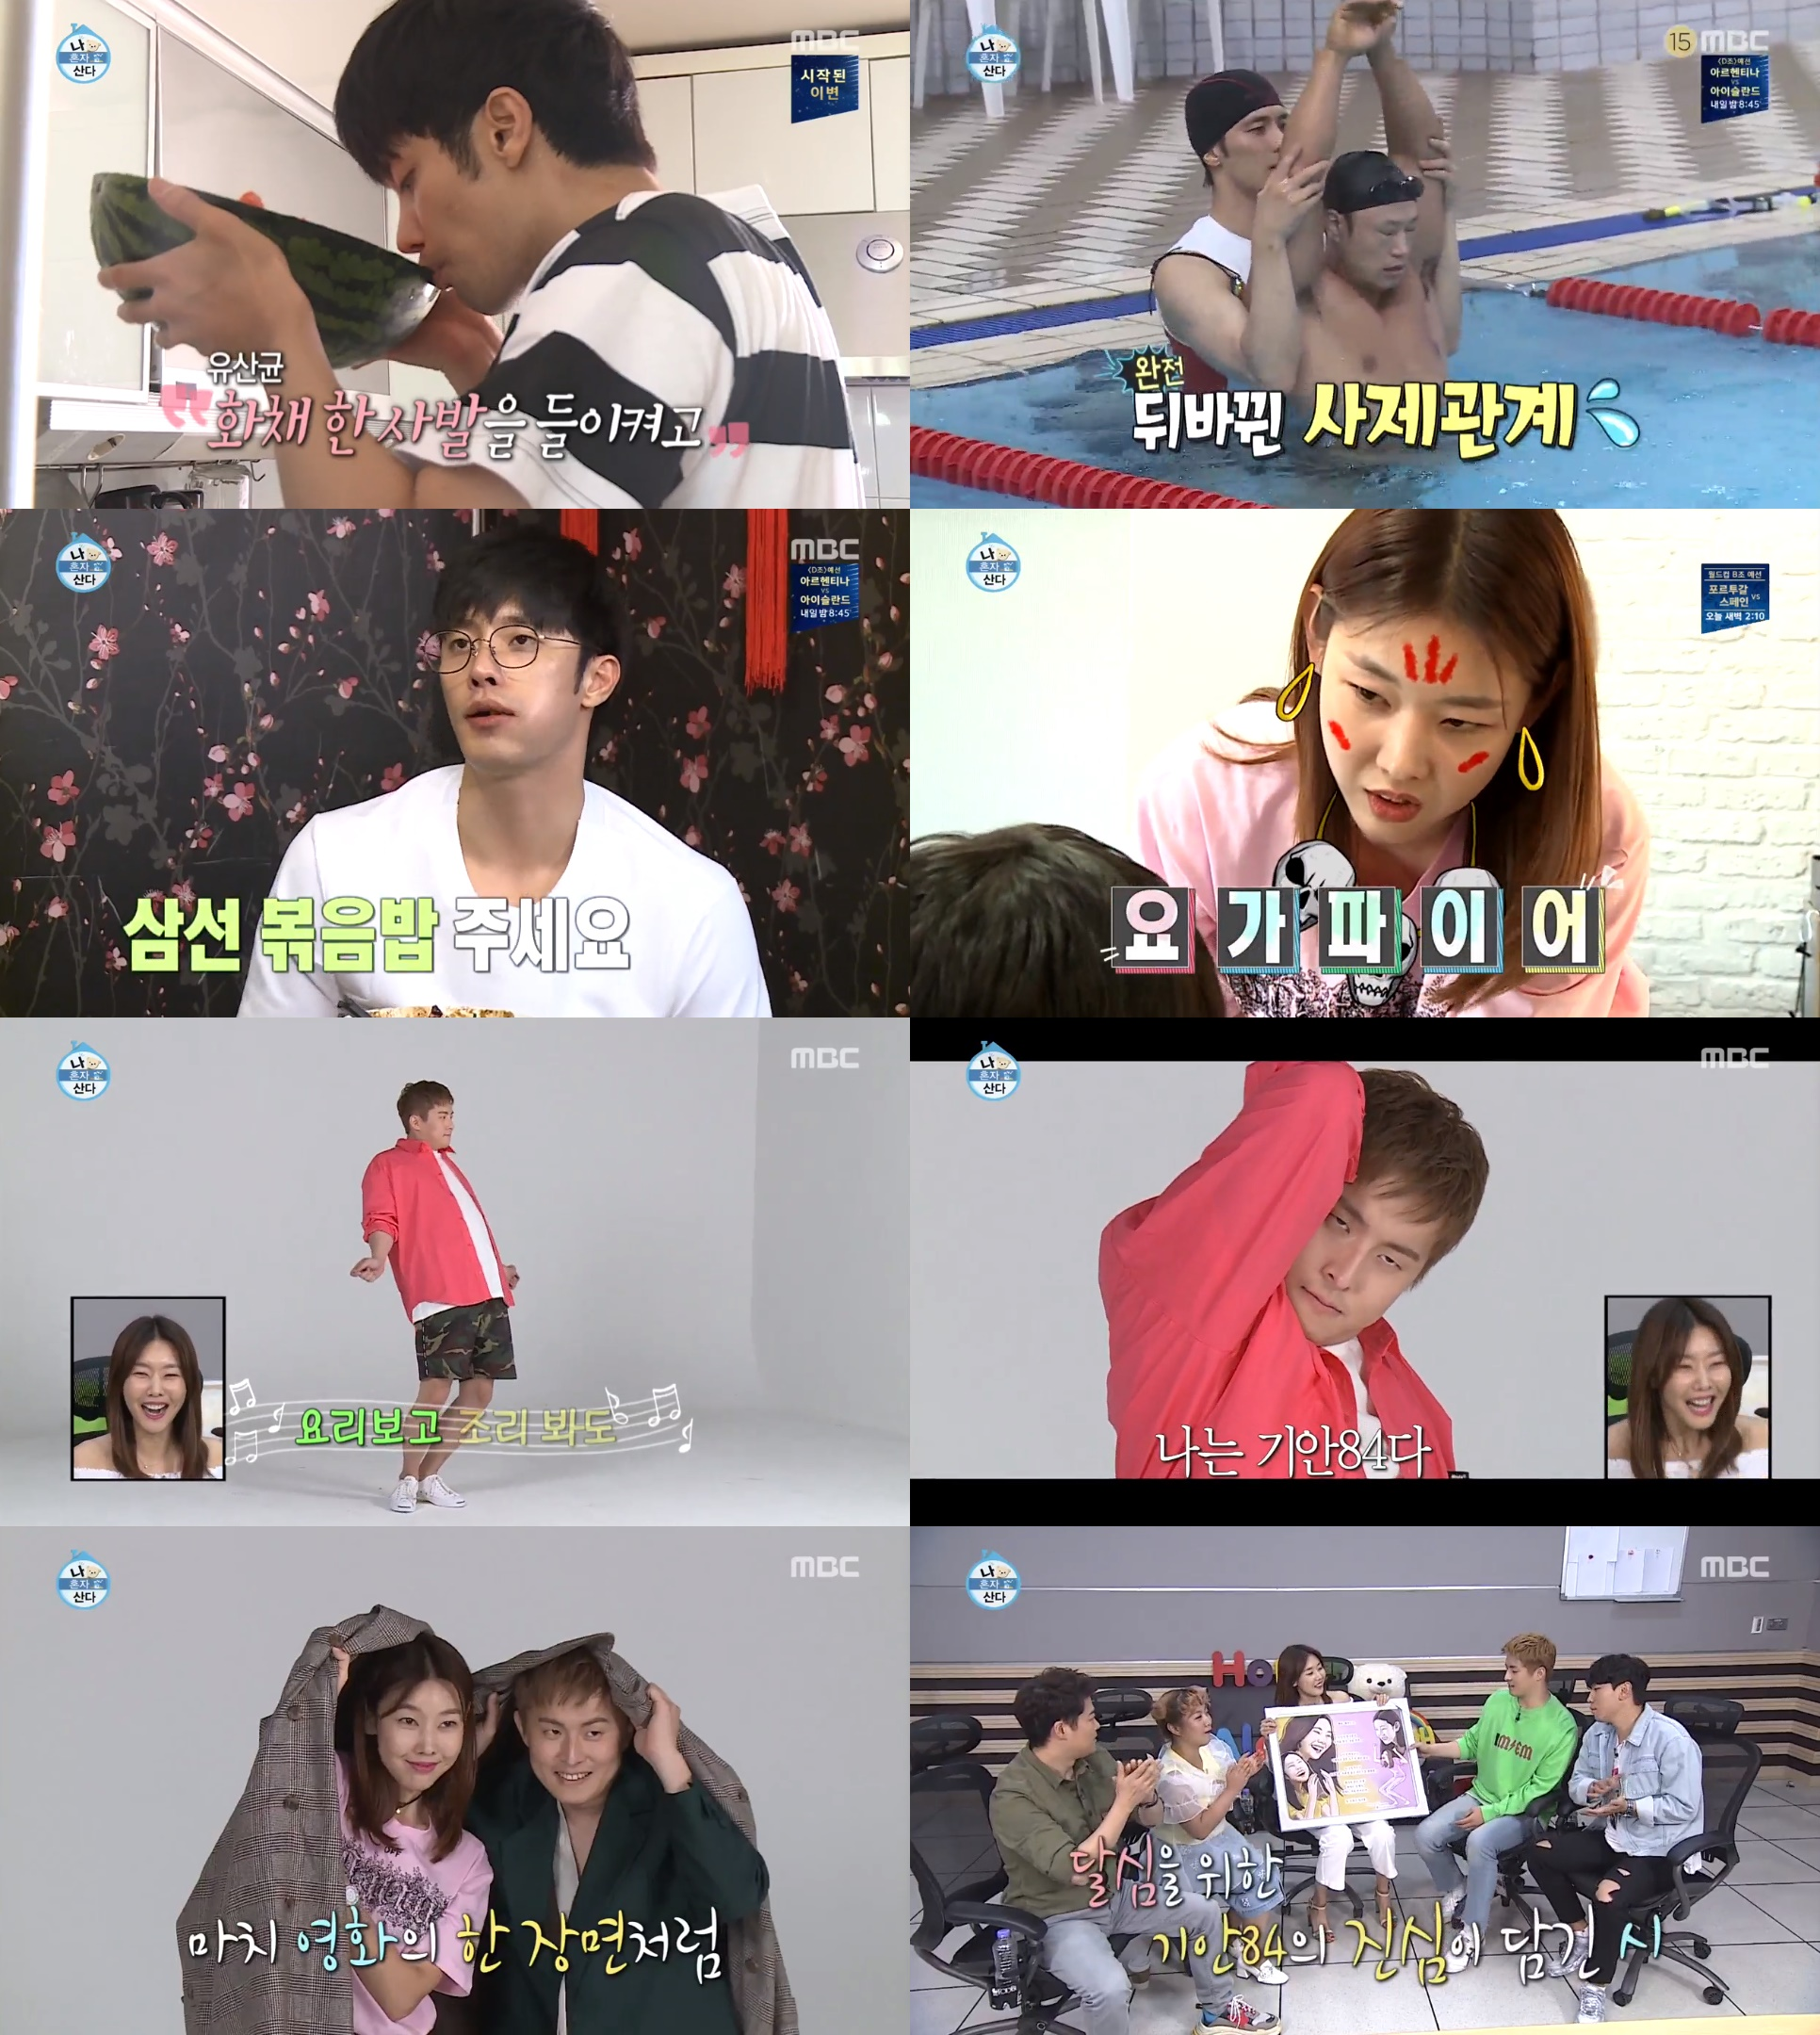 金예능 최강자 '나 혼자 산다' 한류스타 성훈→기안84X한혜진 특별 케미까지... 동시간대 1위